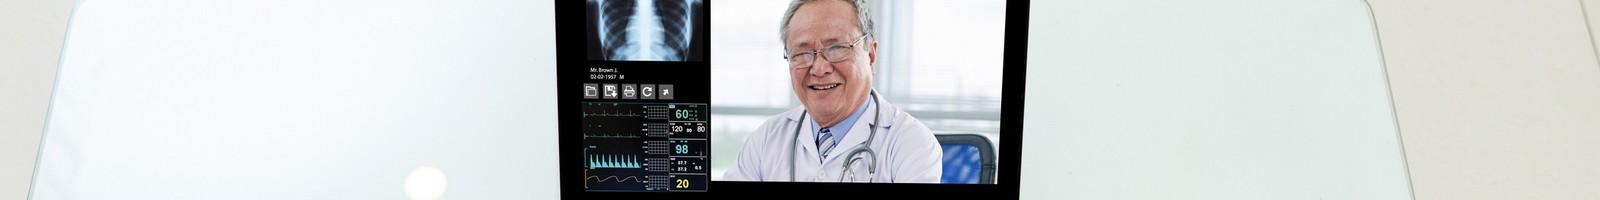 La prise en charge en télémédecine provoque encore de nombreux contentieux